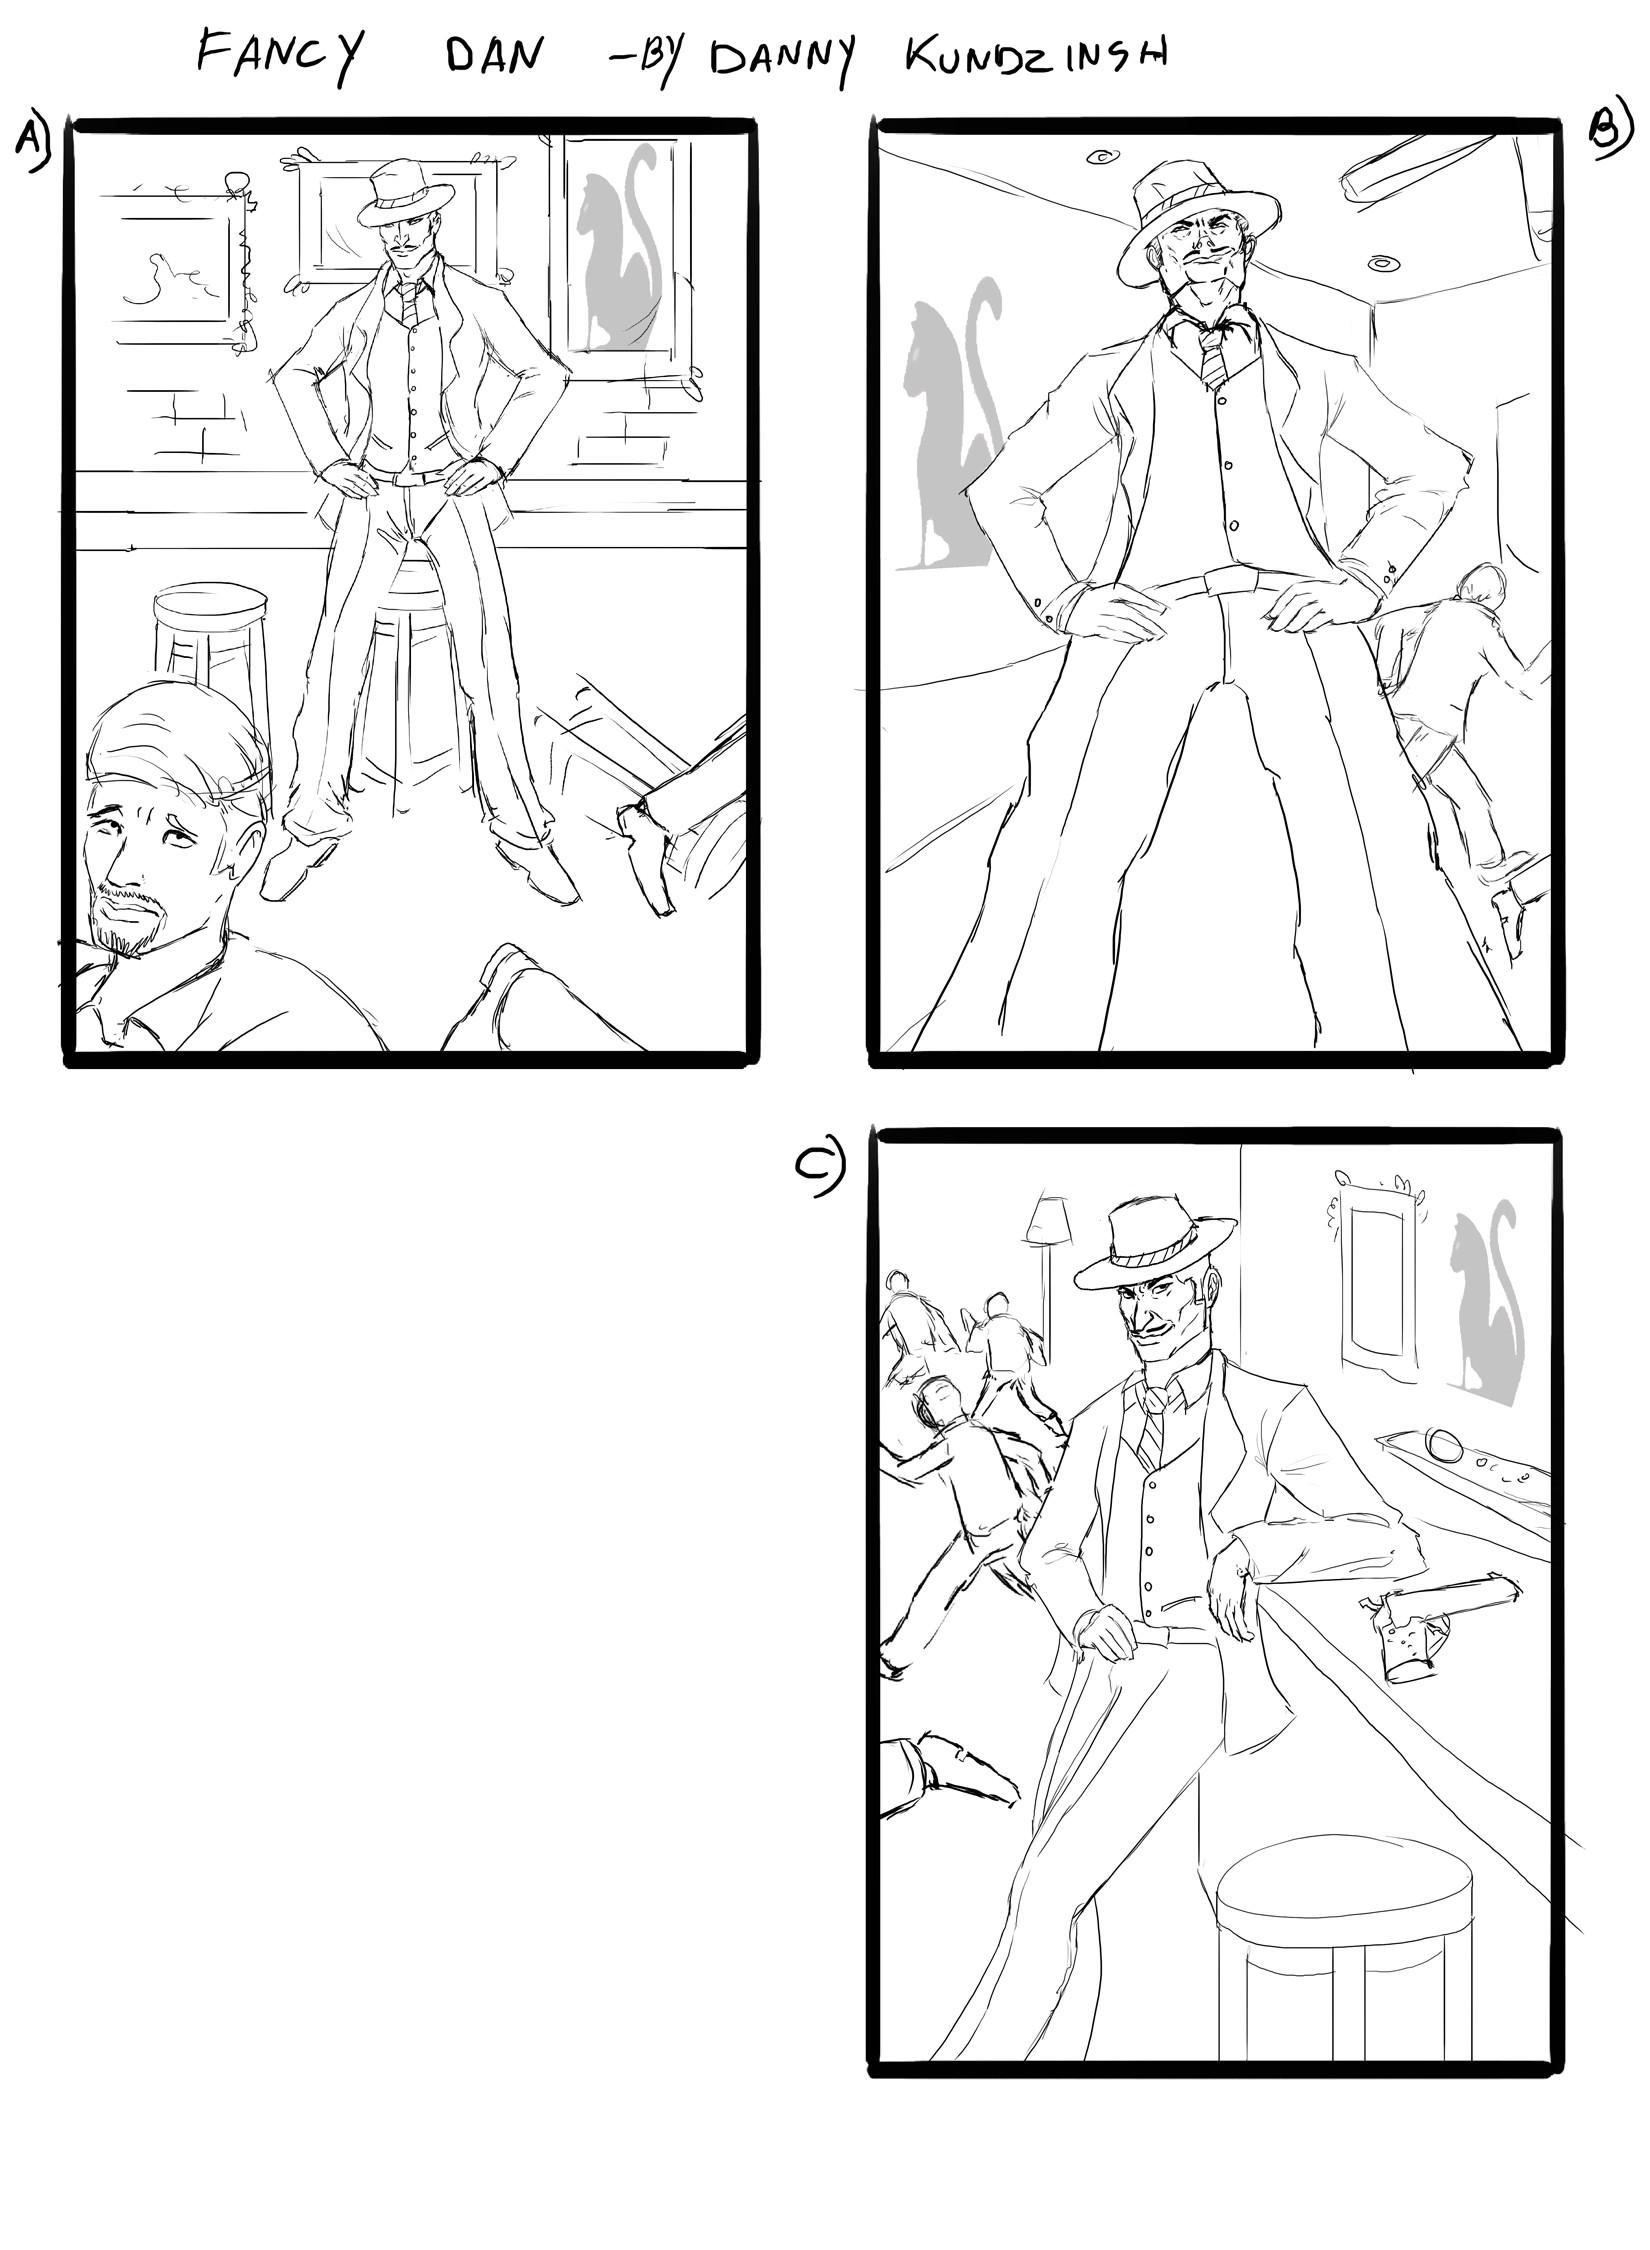 Danny kundzinsh fancy dan sketches